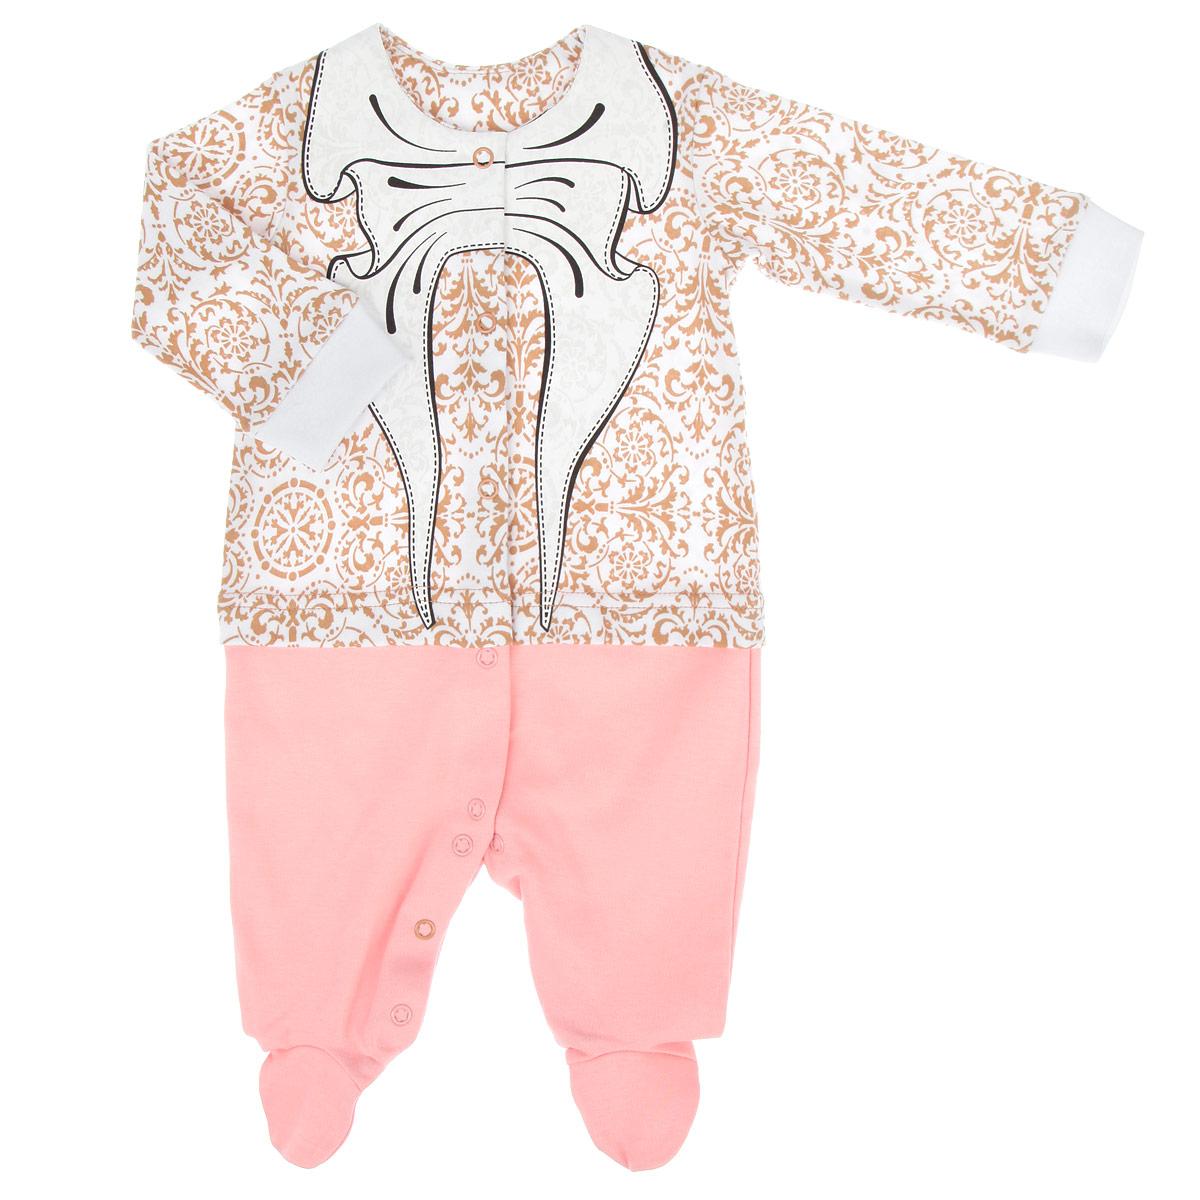 Комбинезон для девочки. 22-24322-243Очаровательный комбинезон для девочки Ёмаё - очень удобный и практичный вид одежды для малышки. Комбинезон выполнен из интерлока - натурального хлопка, благодаря чему он необычайно мягкий и приятный на ощупь, не раздражает нежную кожу ребенка и хорошо вентилируется, а эластичные швы приятны телу младенца и не препятствуют его движениям. Комбинезон с длинными рукавами, круглым вырезом горловины и закрытыми ножками имеет застежки-кнопки спереди и на ластовице, которые помогают легко переодеть ребенка или сменить подгузник. Рукава понизу дополнены широкими трикотажными манжетами. Оформлено изделие оригинальным принтом с изображением крупного банта, что придает изделию оригинальность, а также ненавязчивым орнаментом. Отделка верхней части придает эффект 2 в 1 (кофточка, ползунки). С таким детским комбинезоном спинка и ножки вашей малышки всегда будут в тепле, он идеален для использования днем и незаменим ночью. Комбинезон полностью соответствует особенностям жизни младенца...